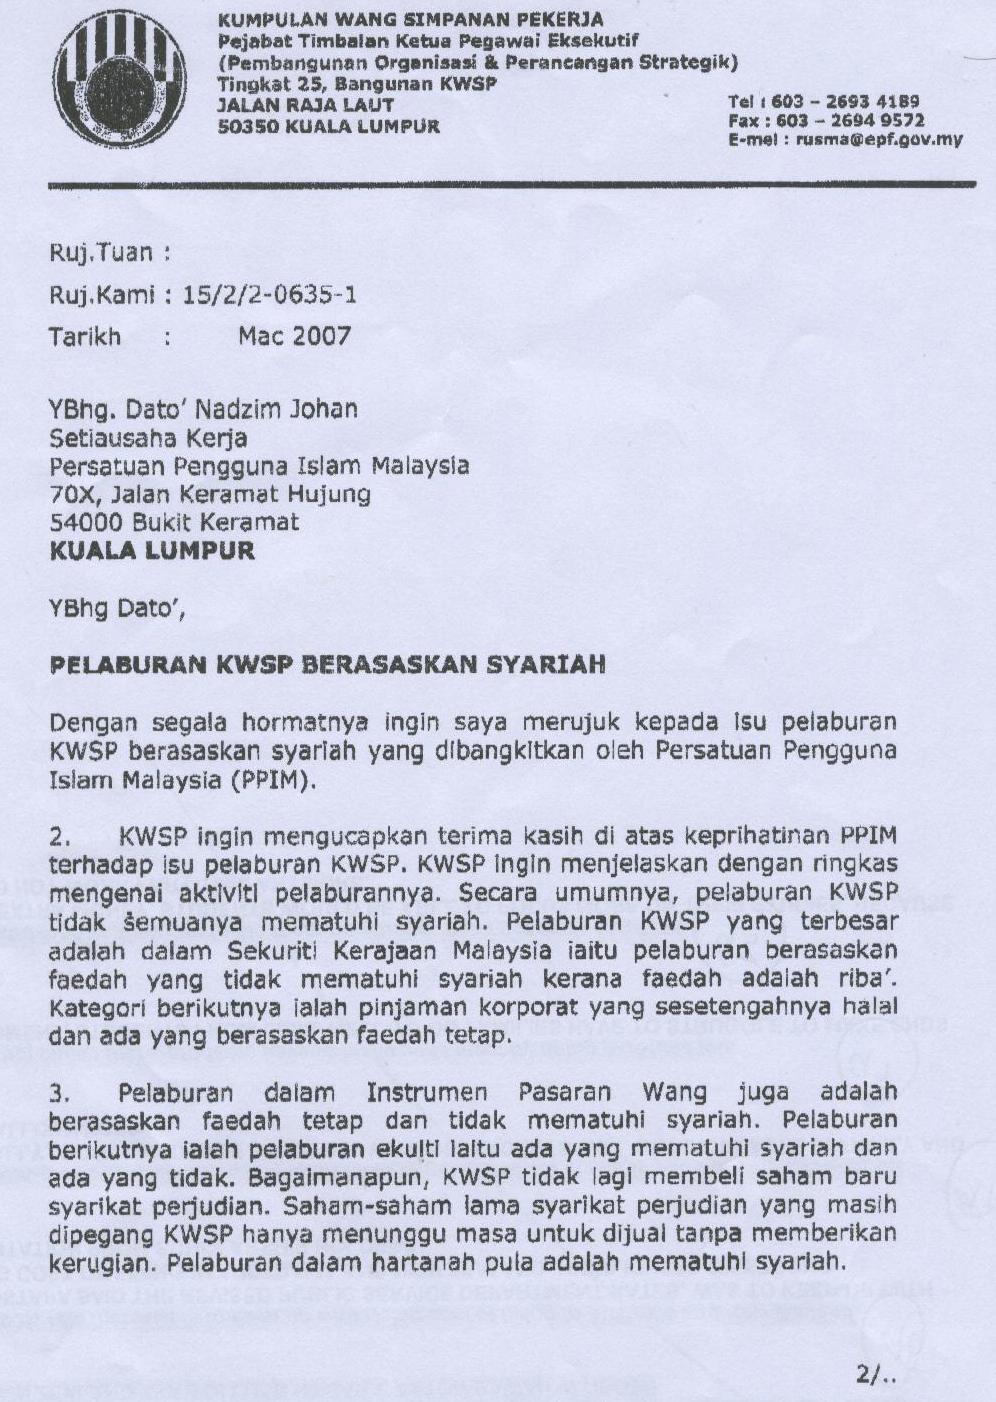 Surat pertama